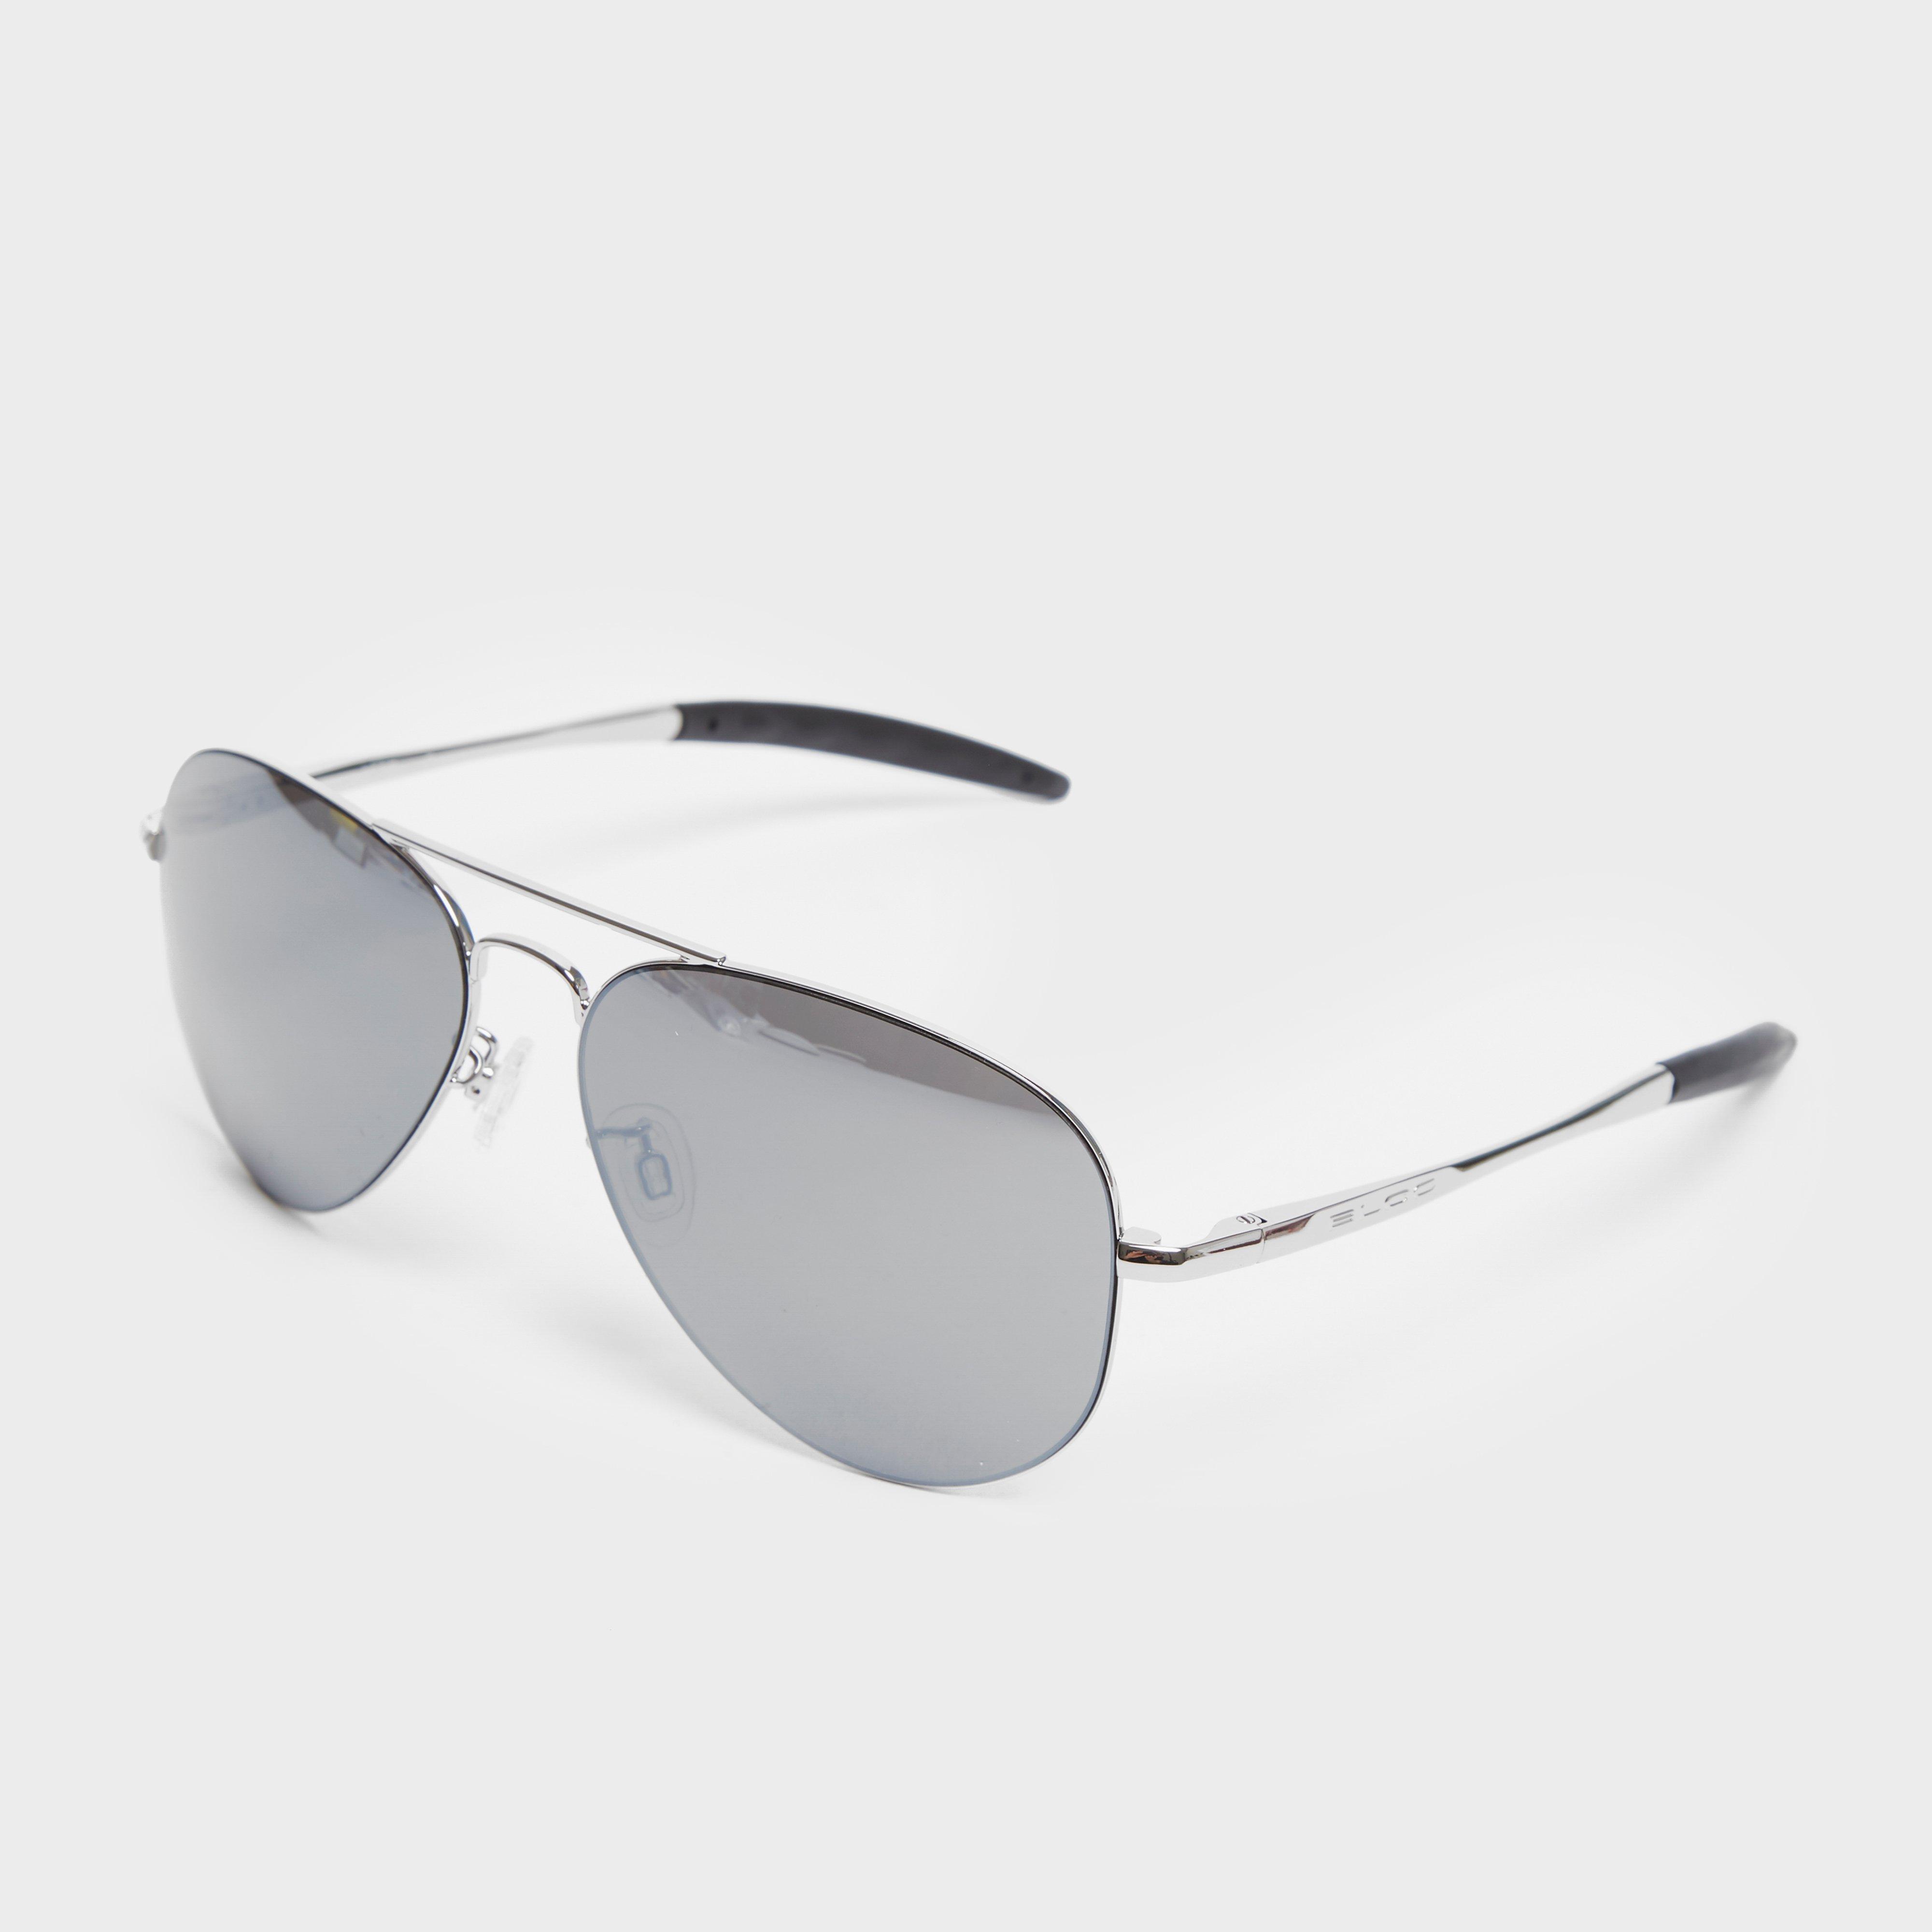 Bloc Darwin F927 Sunglasses - Black/f927  Black/f927